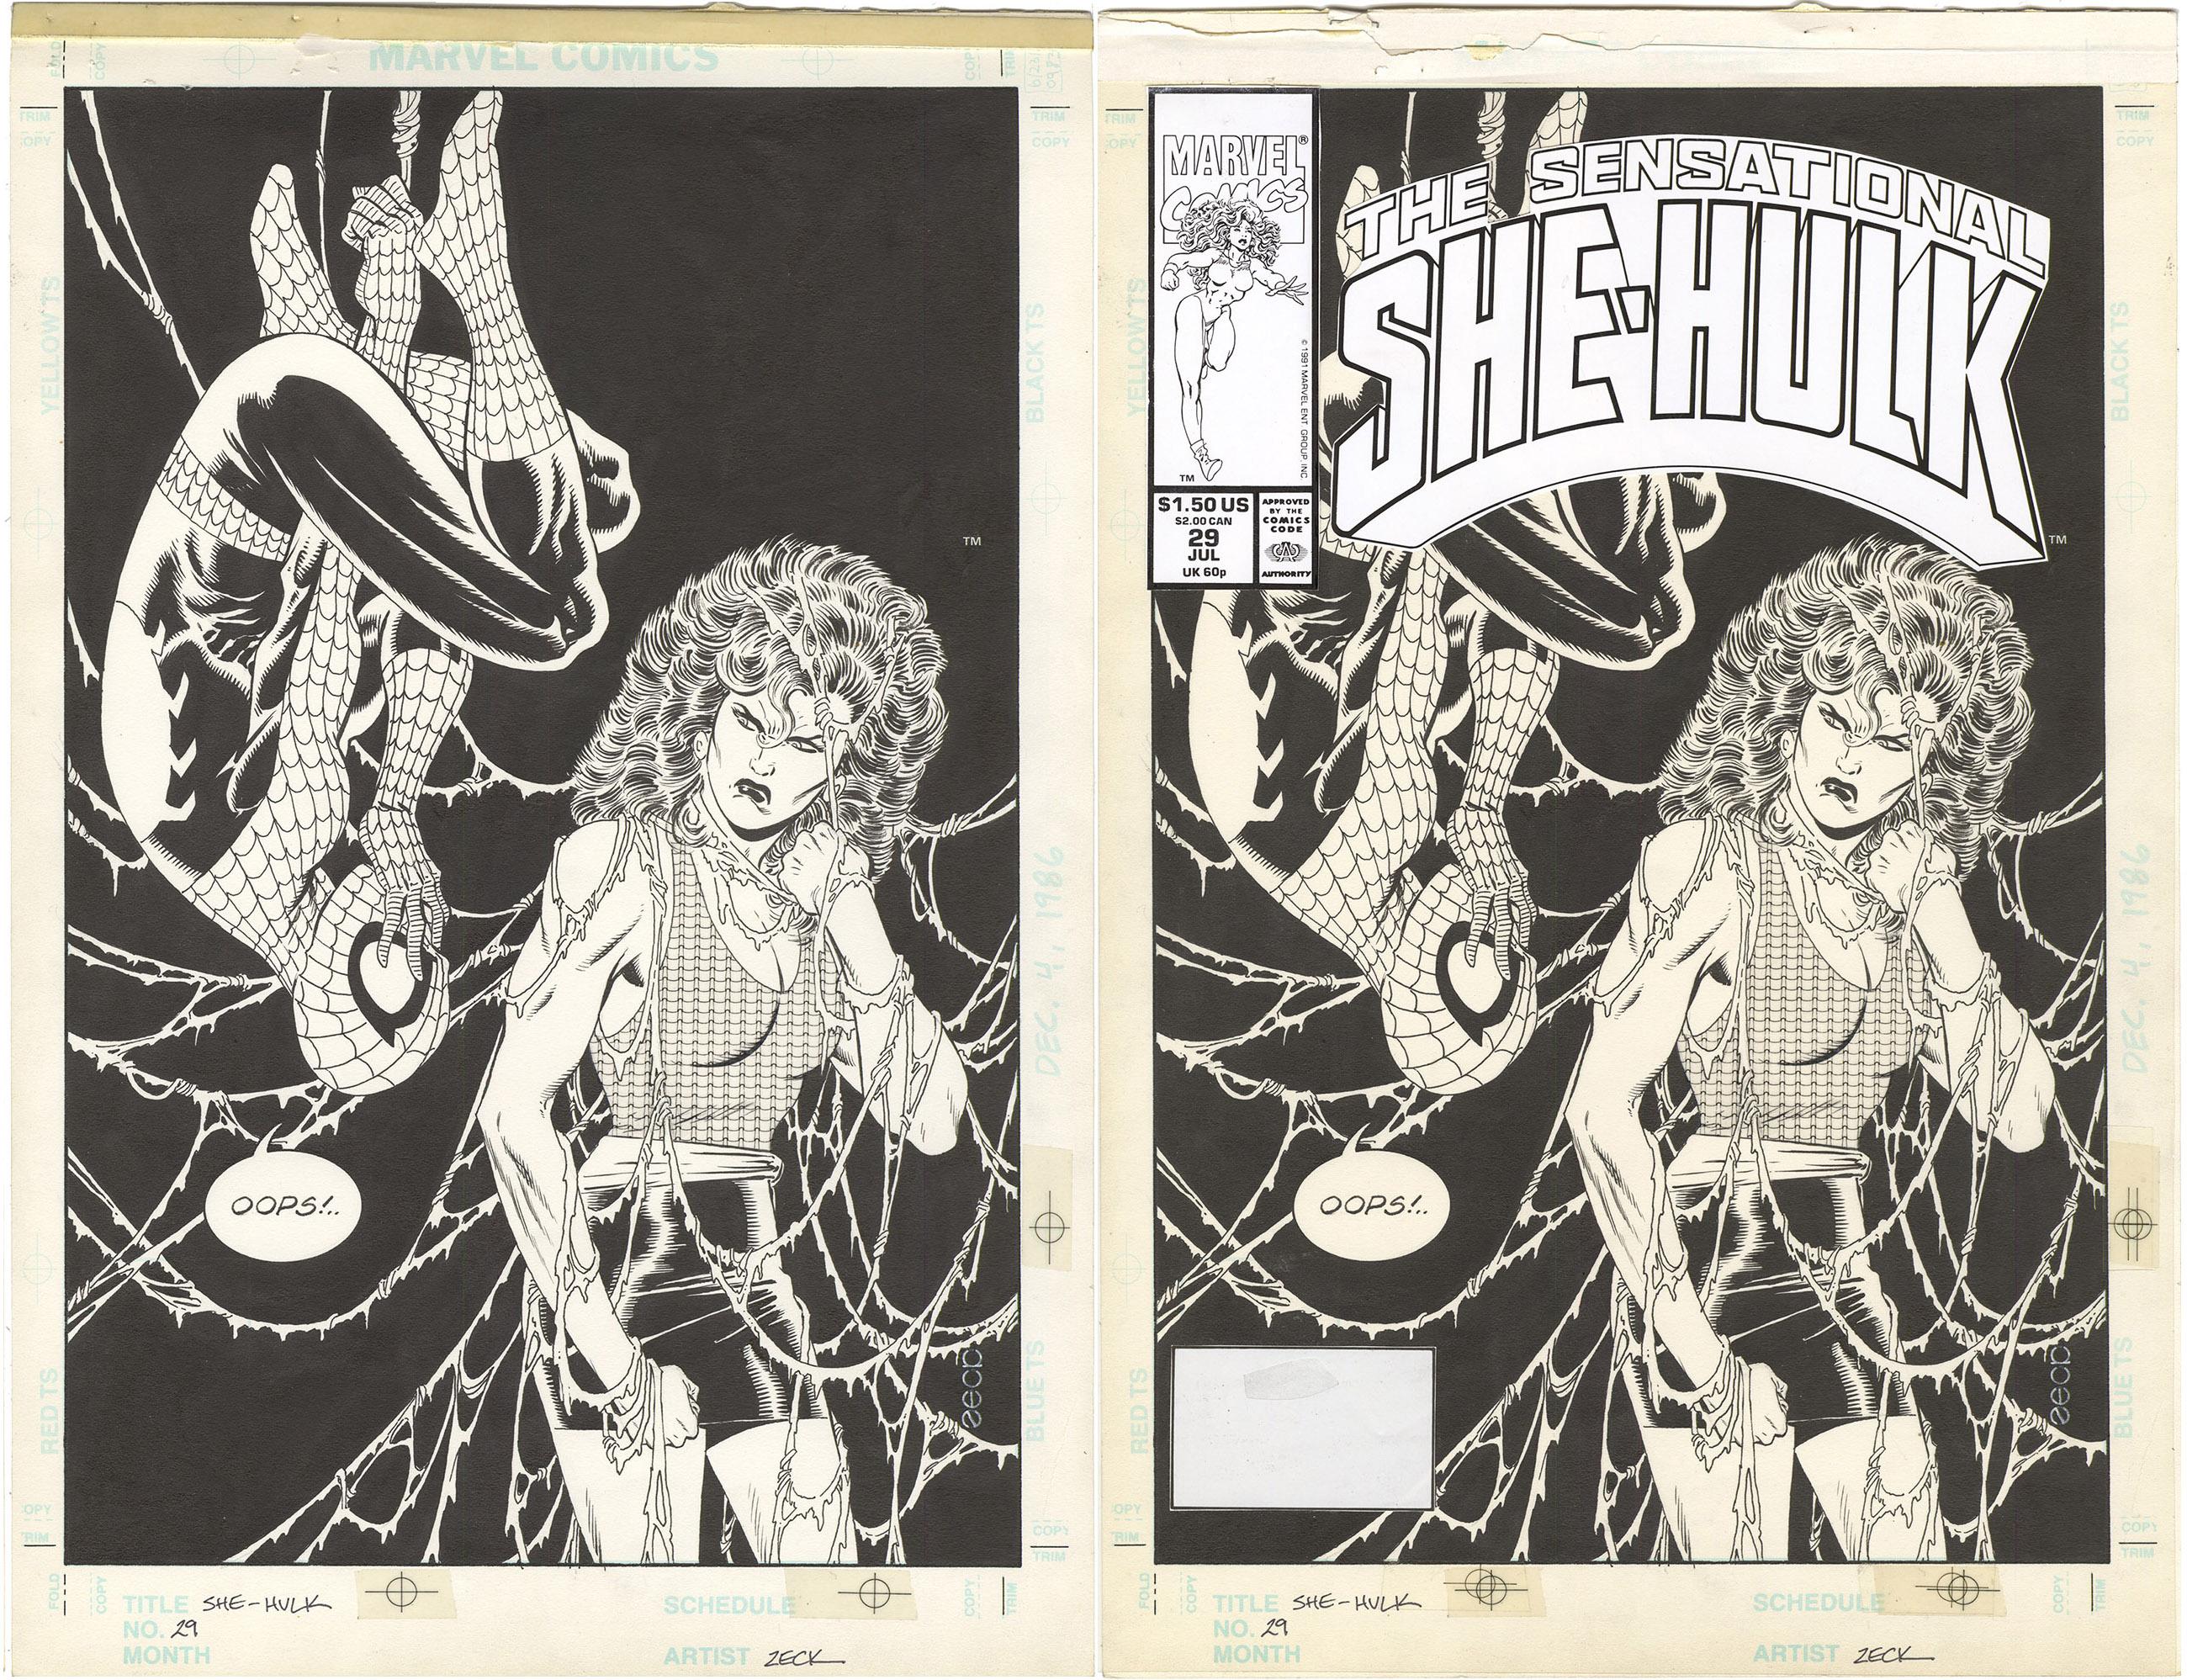 Sensational She-Hulk #29 Cover